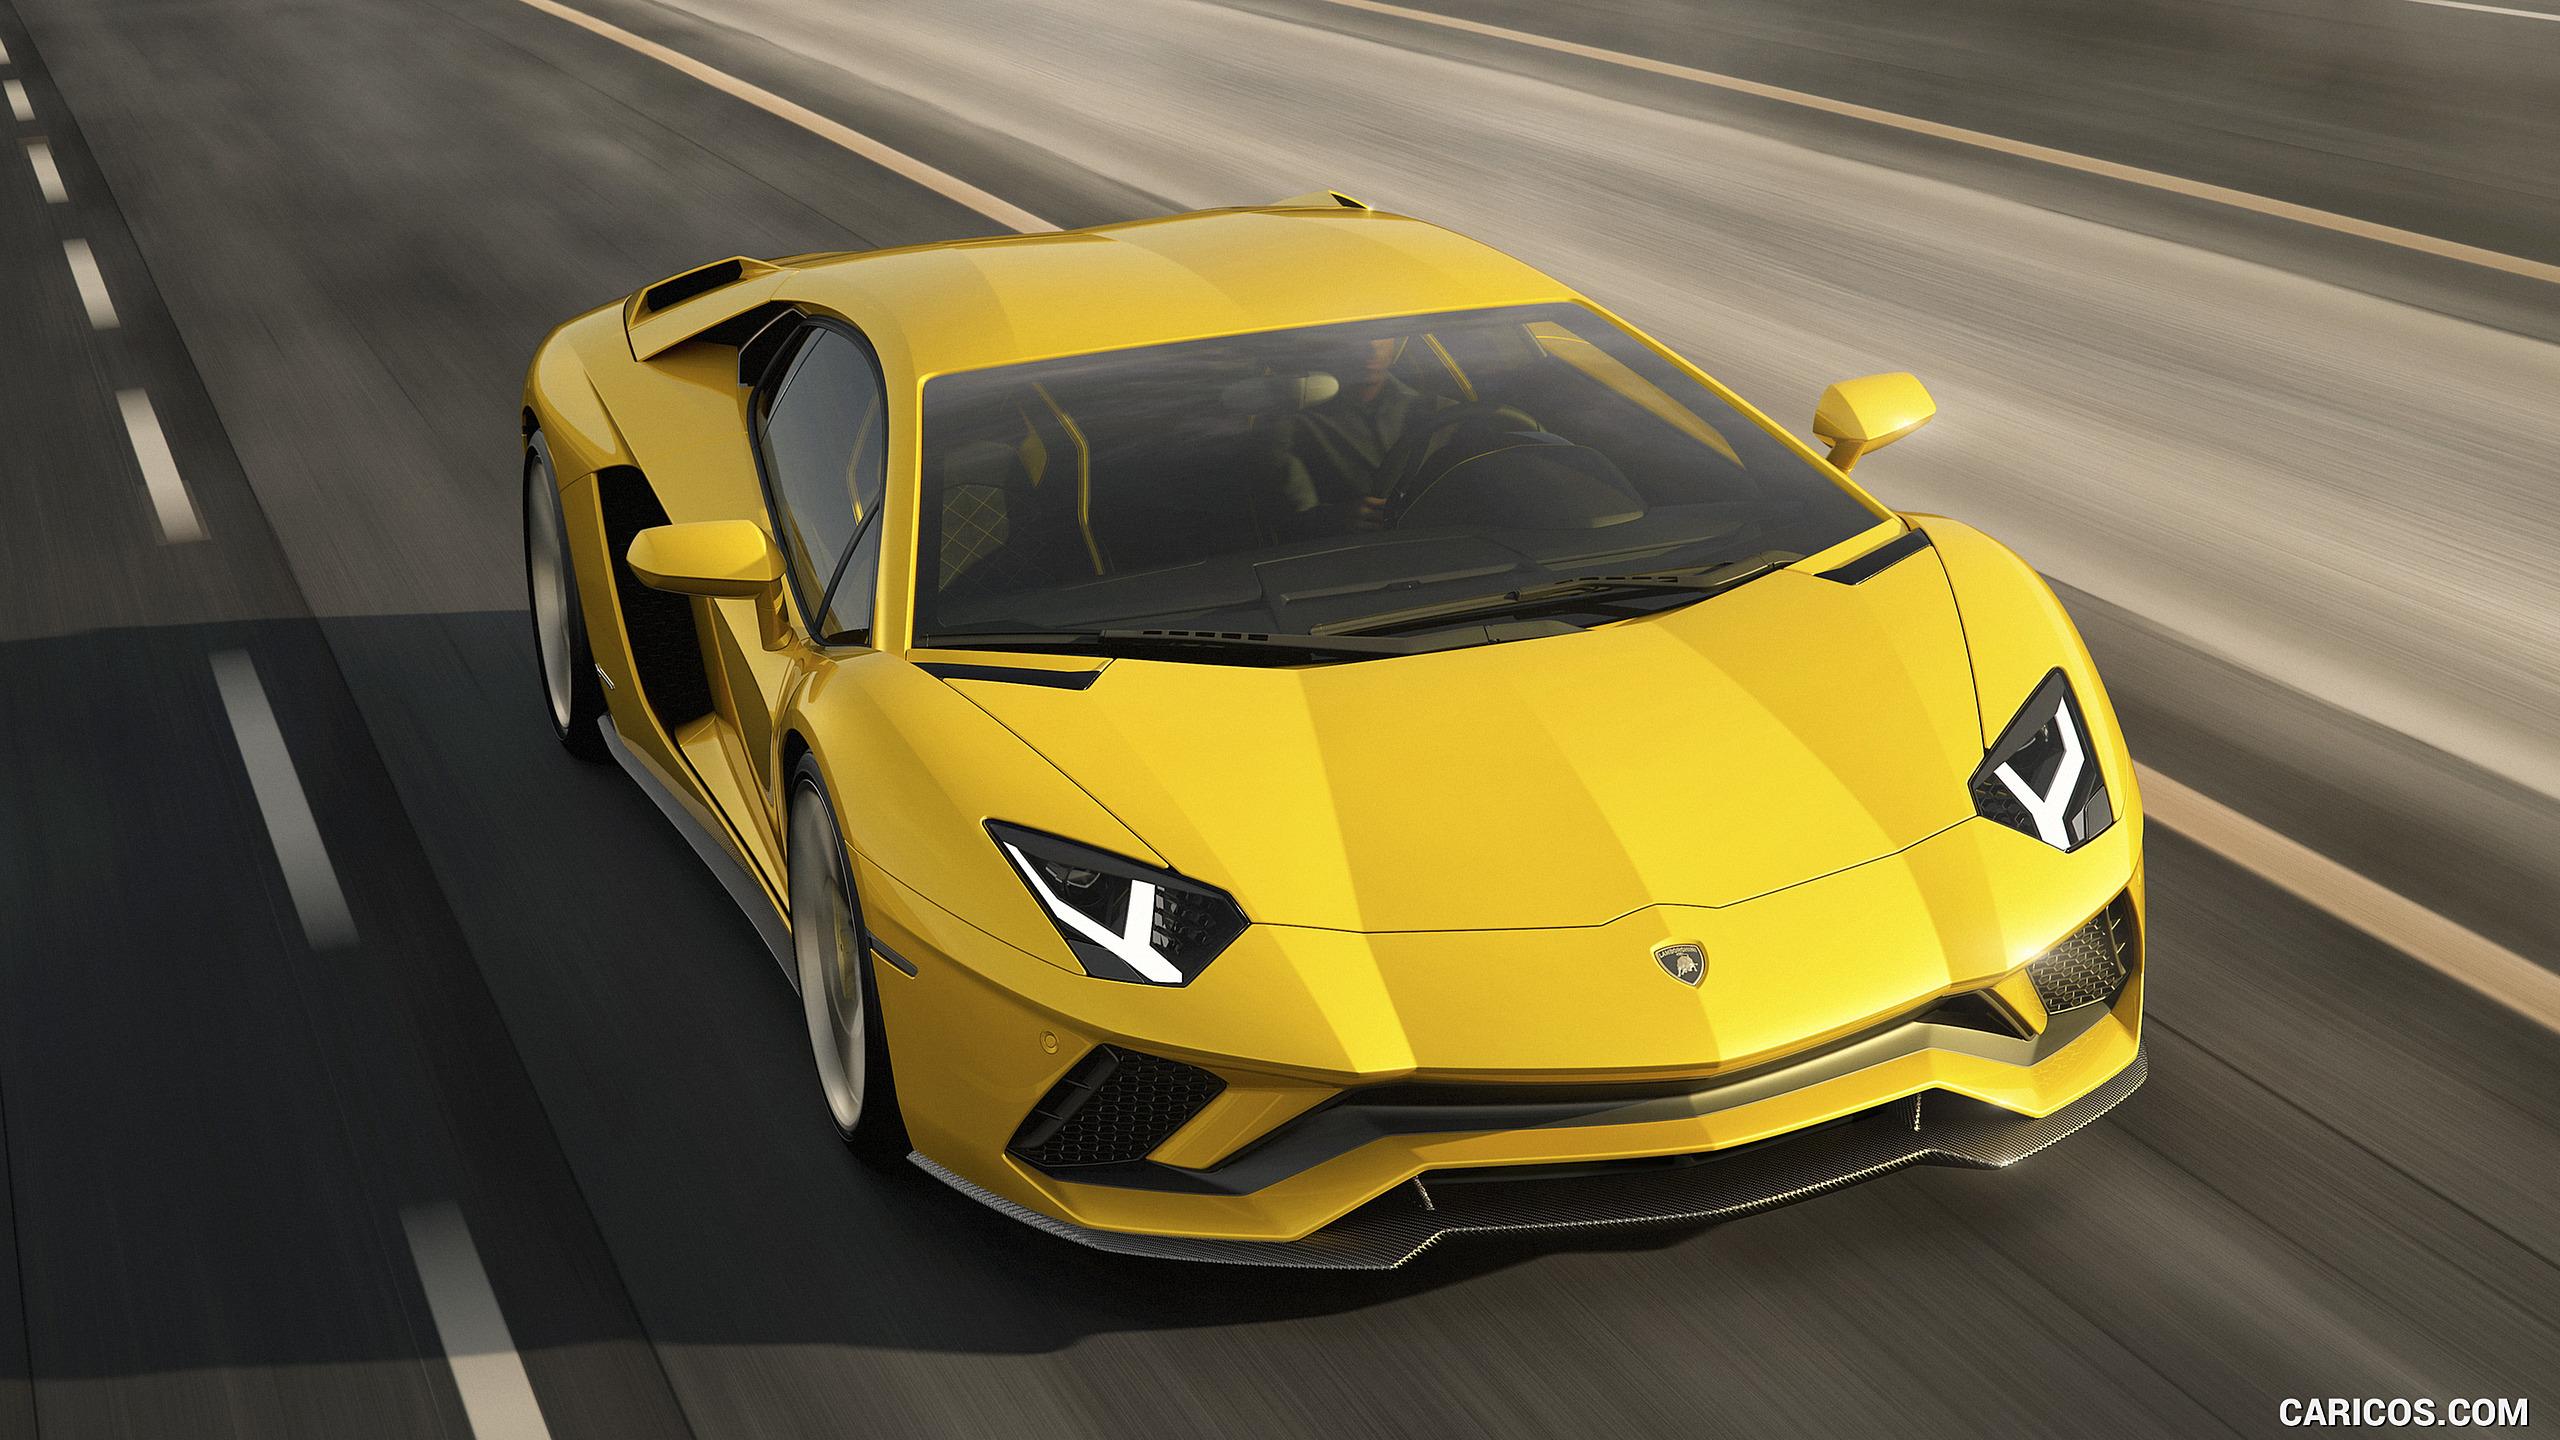 2017 Lamborghini Aventador S   Front HD Wallpaper 6 2560x1440